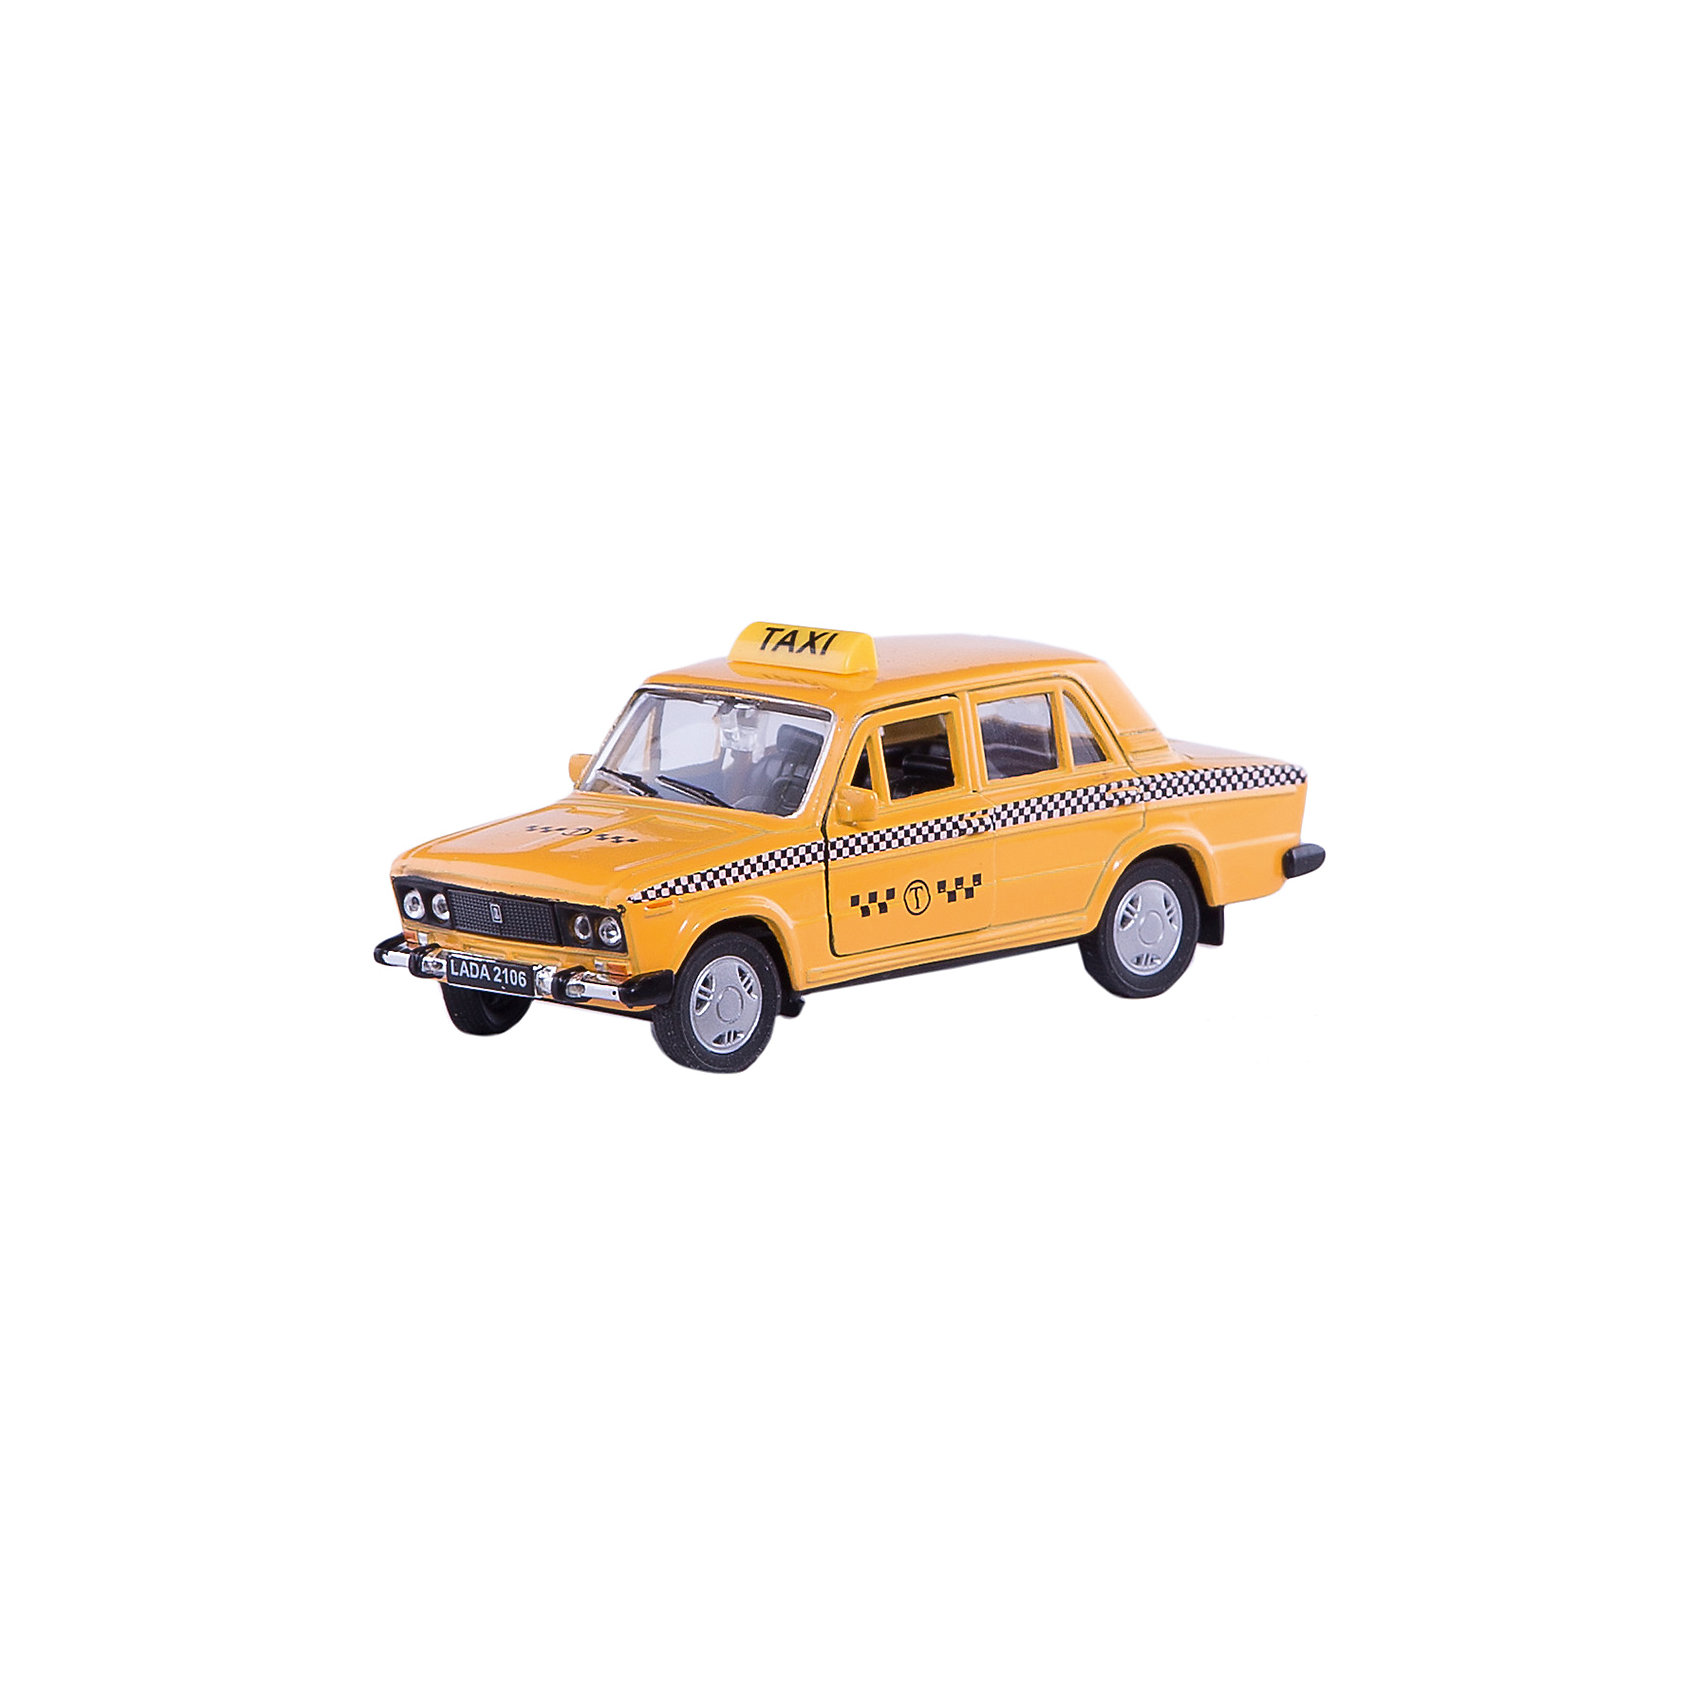 Welly Модель машины 1:34-39 LADA 2106 ТаксиКоллекционные модели<br>Welly Модель машины 1:34-39 LADA 2106 Такси<br><br>Характеристики:<br><br>- Размер упаковки: 15х 6х12см.<br>- Материал: металл, пластик<br>- Инерционный механизм.<br>- Вес: 150 г.<br>- Цвет: желтый.<br> <br>Welly Модель машины 1:34-39 LADA 2106 Такси, от известного бренда Welly (Велли) - миниатюрная копия настоящего автомобиля в масштабе 1:34-39. Модель изготовлена из литого металла и пластика. У машинки открывается капот, багажник и двери, а передние колеса можно поворачивать с помощью руля. Игрушка оснащена инерционным ходом. Машинку необходимо отвести назад, затем отпустить - и она быстро поедет вперед. Реалистичный дизайн этой машинки понравится ребенку и машинка станет отличным пополнением коллекции. Машинка предназначена для развития моторики рук, внимания и воображения.<br><br>Модель машины Welly 1:34-39 LADA 2106 Такси, можно купить в нашем интернет – магазине.<br><br>Ширина мм: 60<br>Глубина мм: 140<br>Высота мм: 110<br>Вес г: 185<br>Возраст от месяцев: 84<br>Возраст до месяцев: 1188<br>Пол: Мужской<br>Возраст: Детский<br>SKU: 2150190